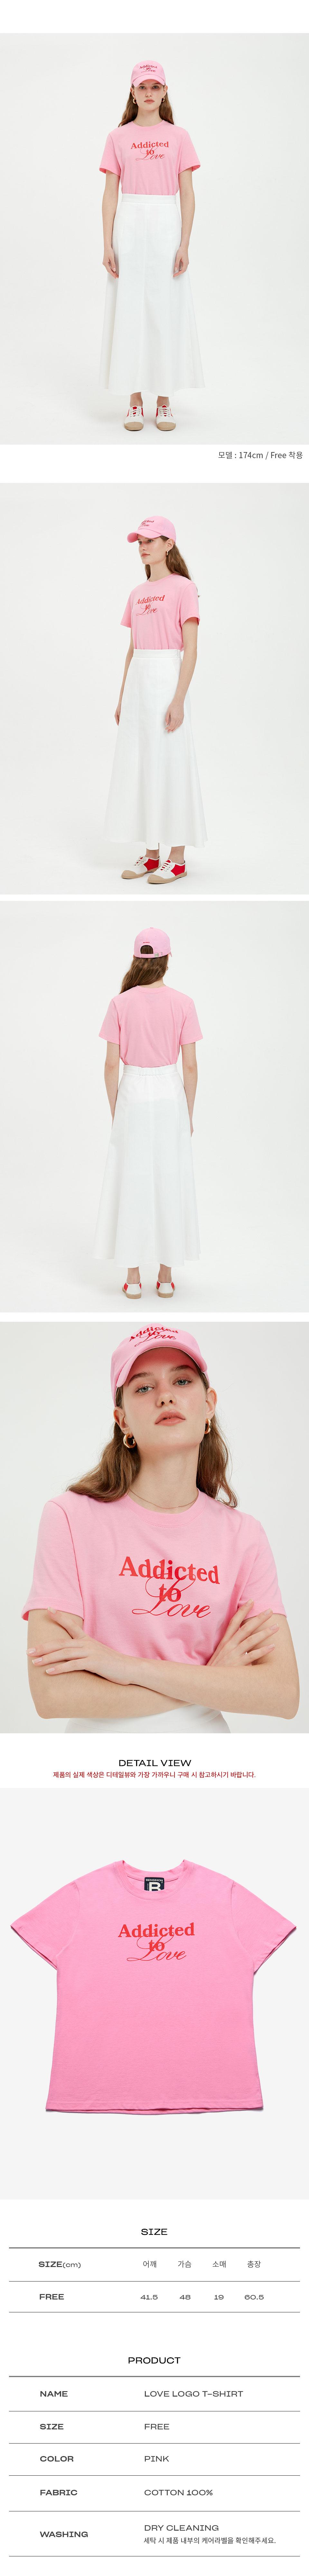 벤시몽(BENSIMON) LOVE LOGO T-SHIRTS - PINK